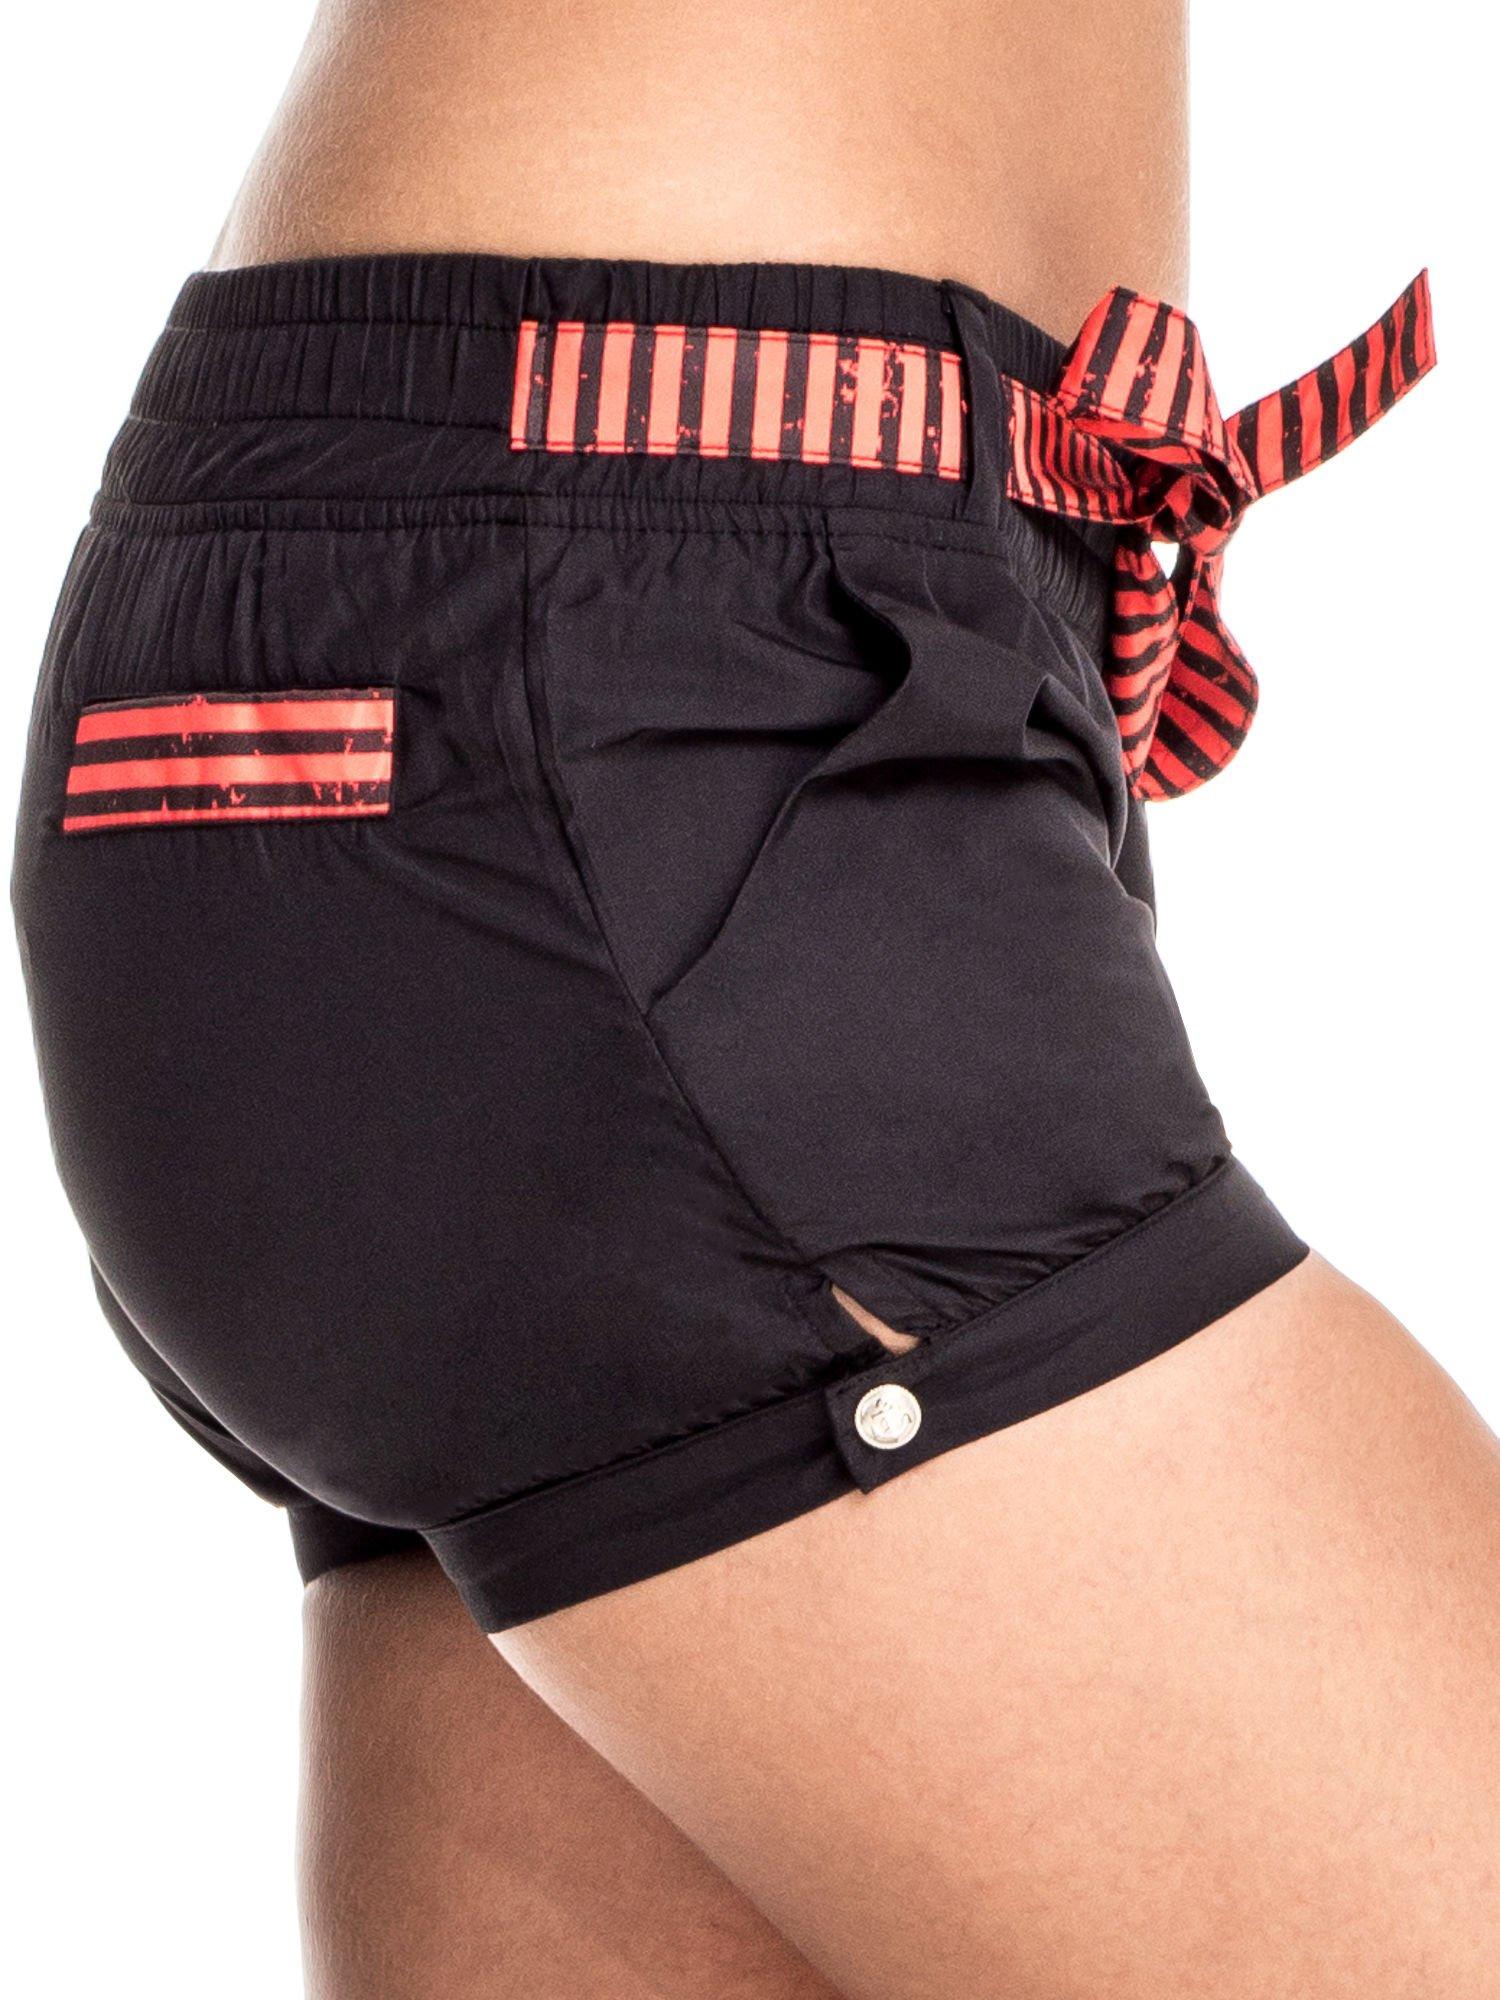 Czarne szorty damskie w stylu marynarskim                                  zdj.                                  5